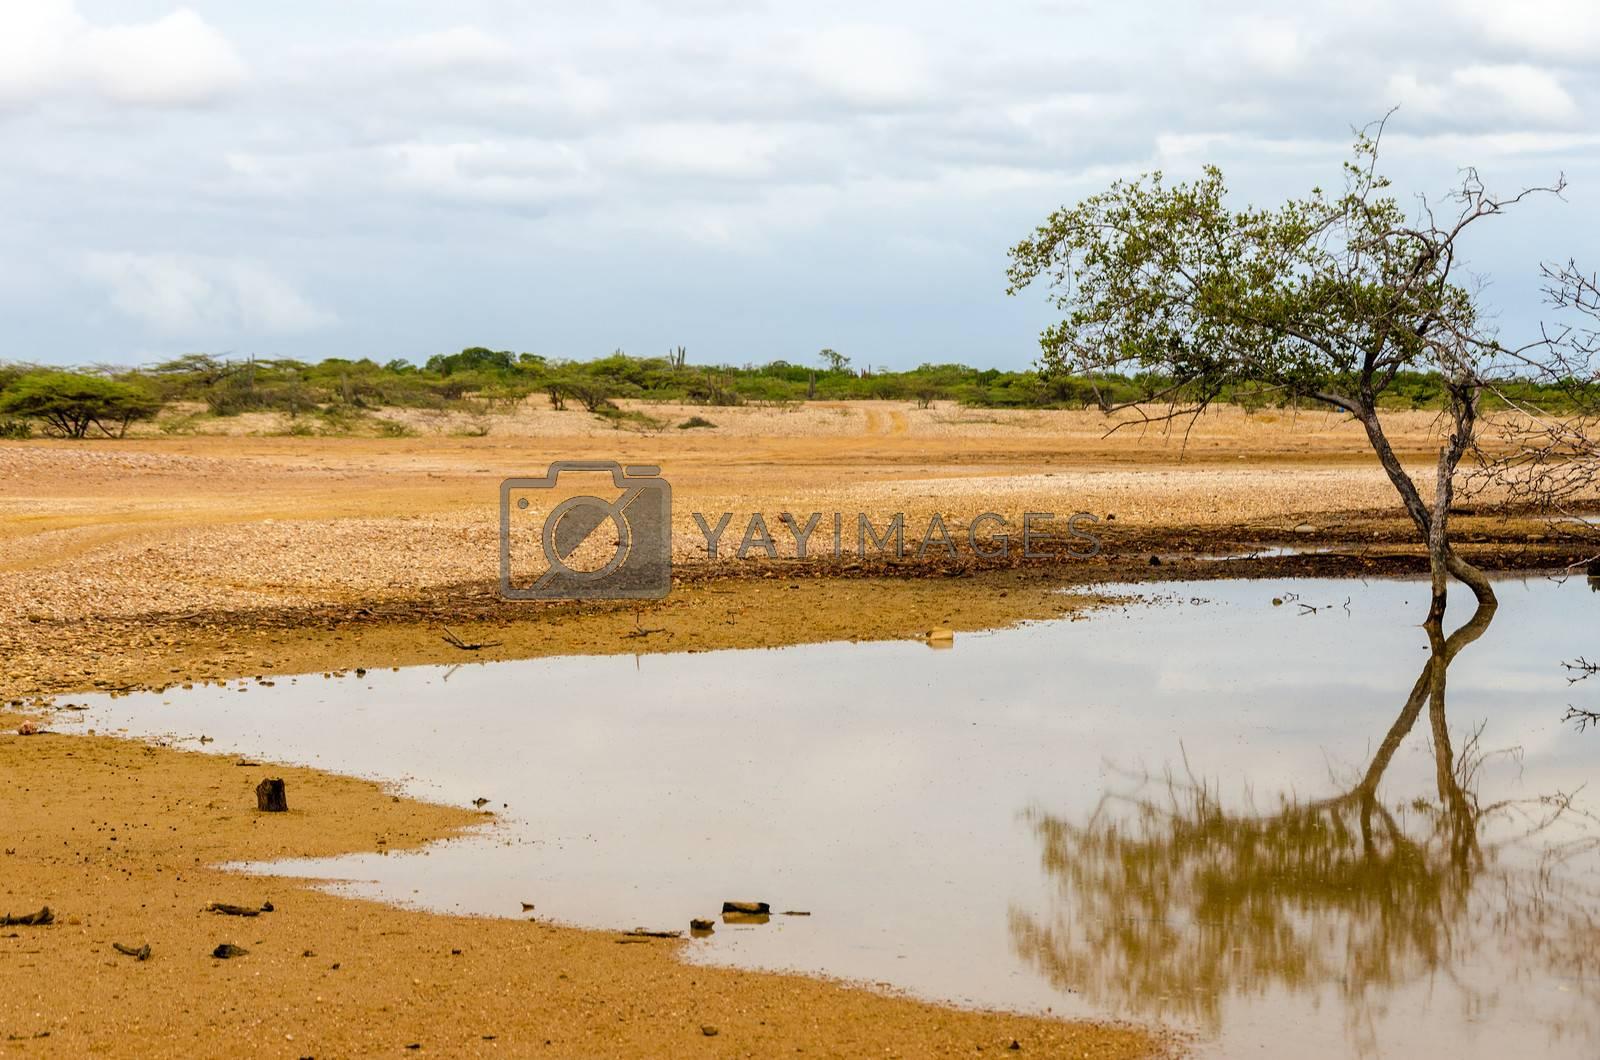 Tree reflected in water in a desert in La Guajira, Colombia